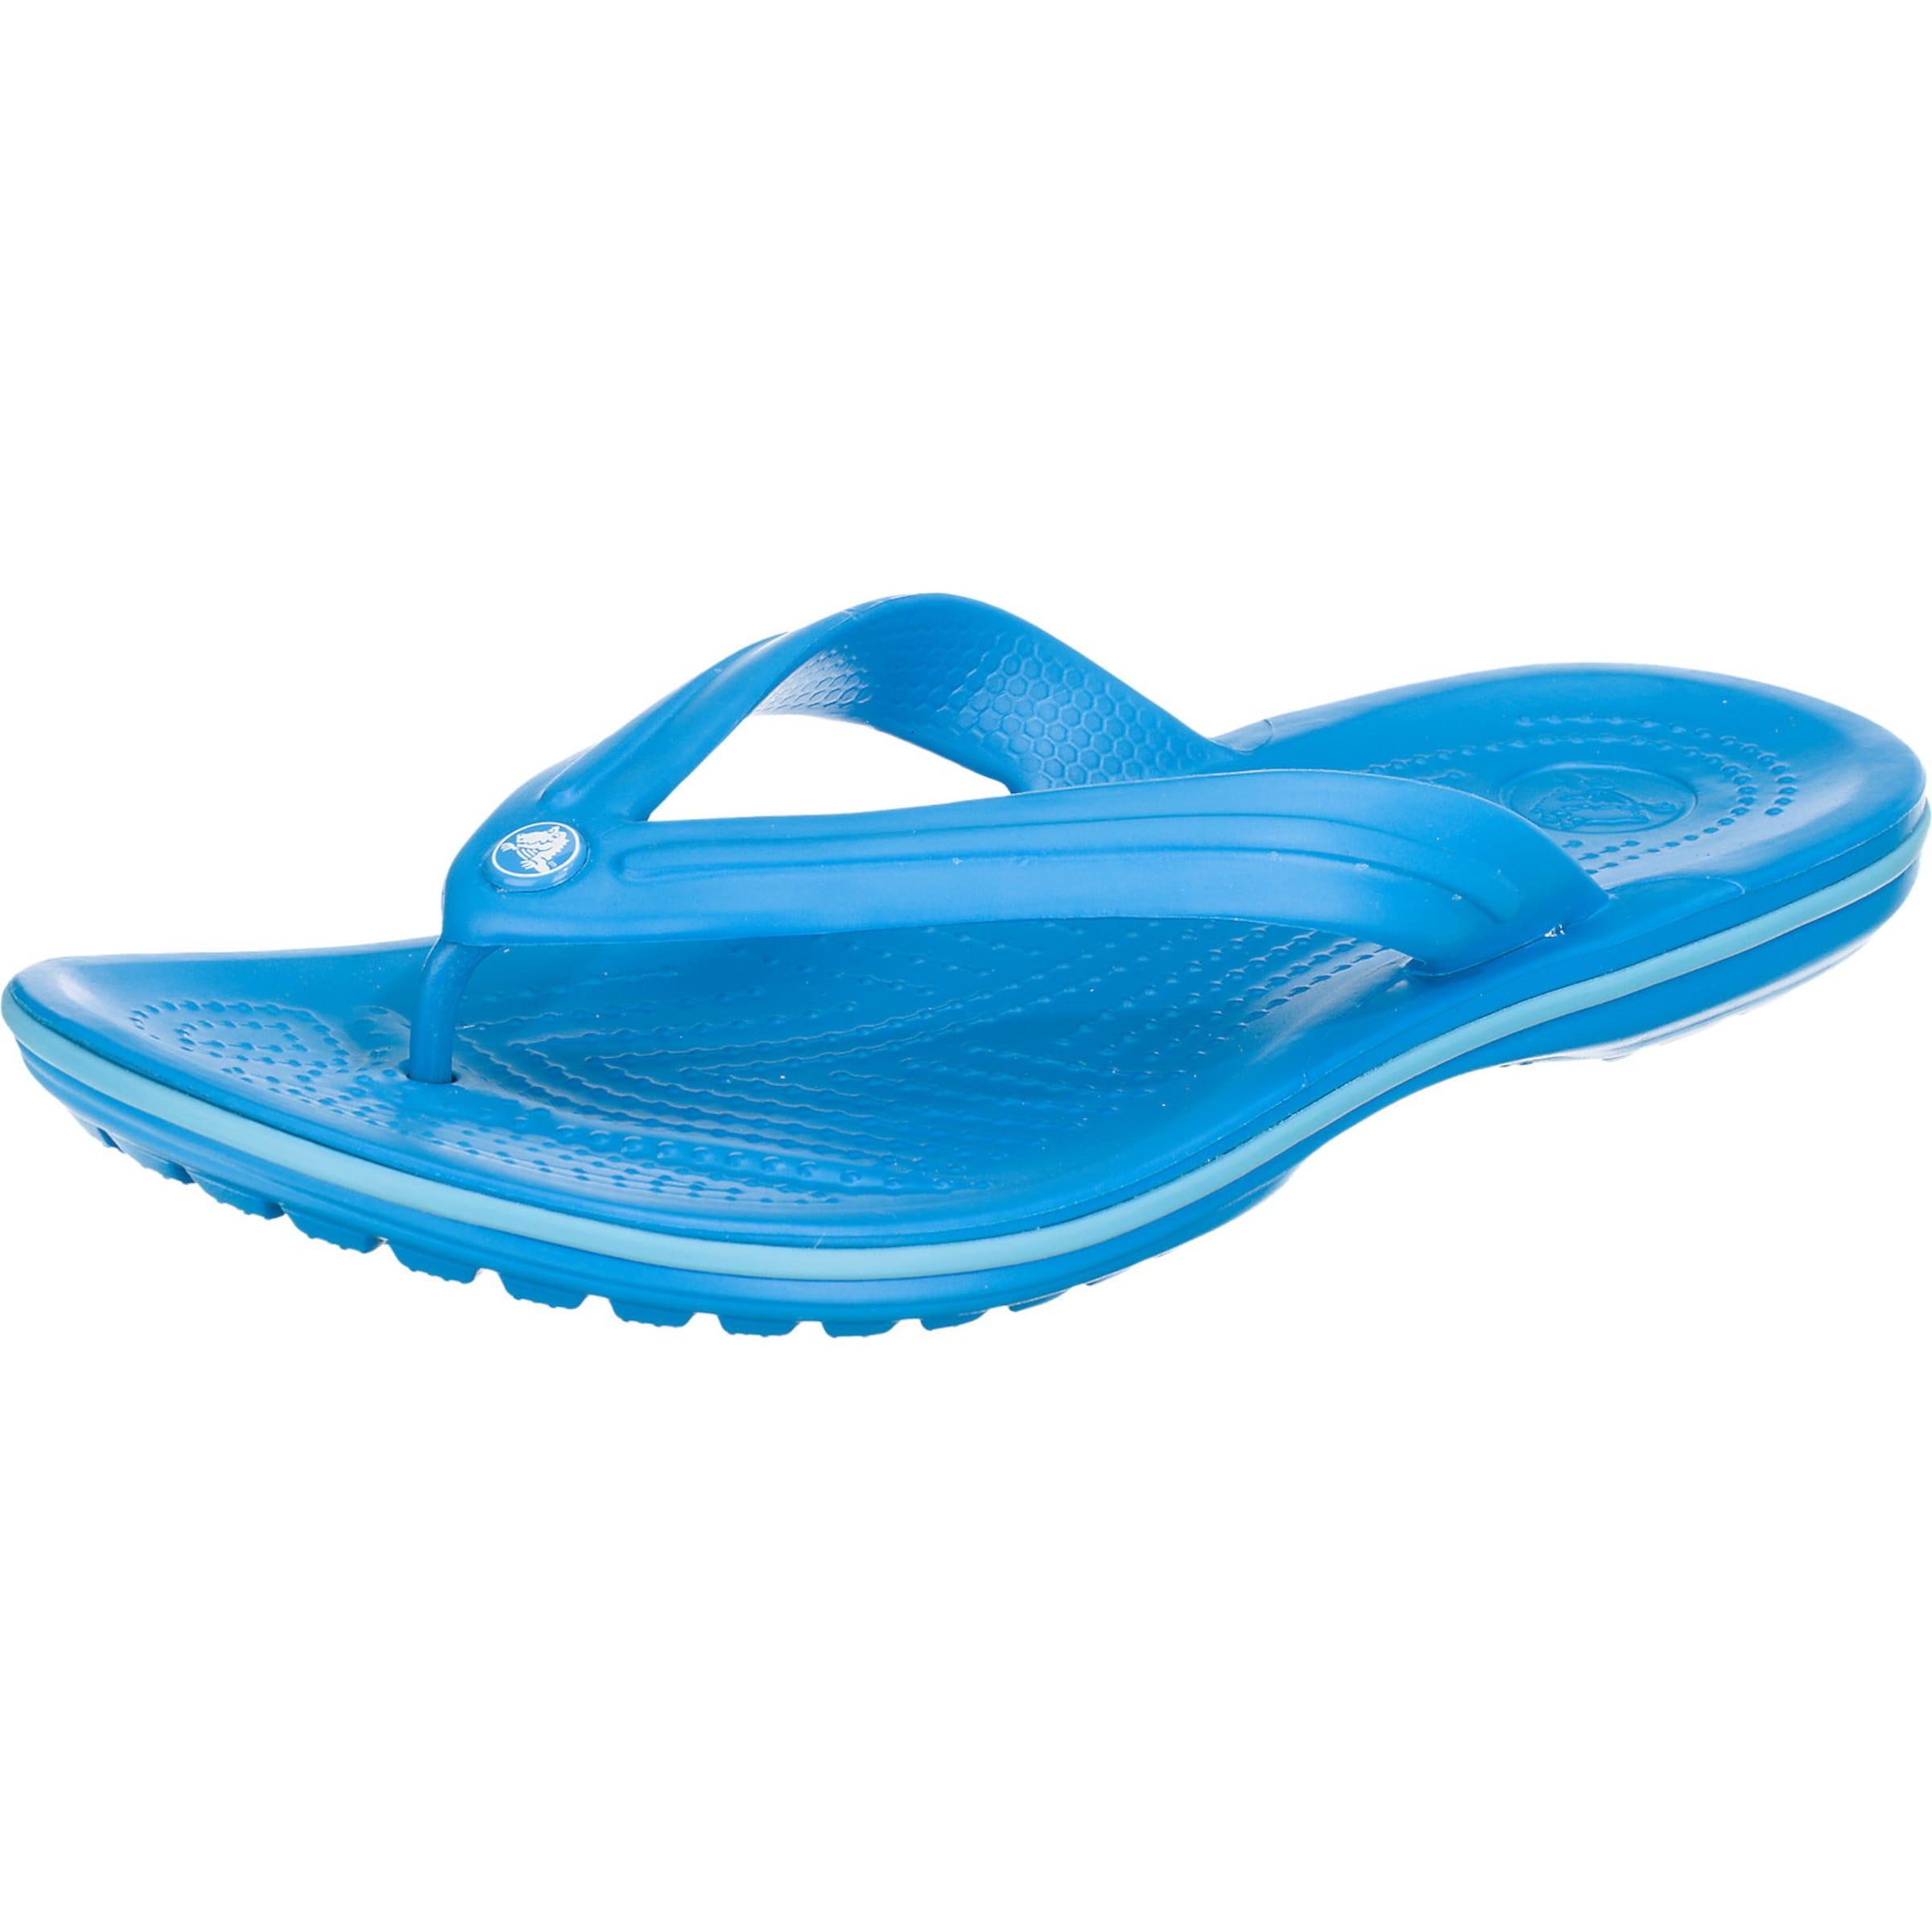 Crocs In 'flip' In Lachs Crocs Crocs Zehentrenner 'flip' Lachs Zehentrenner jVSqUzMGpL